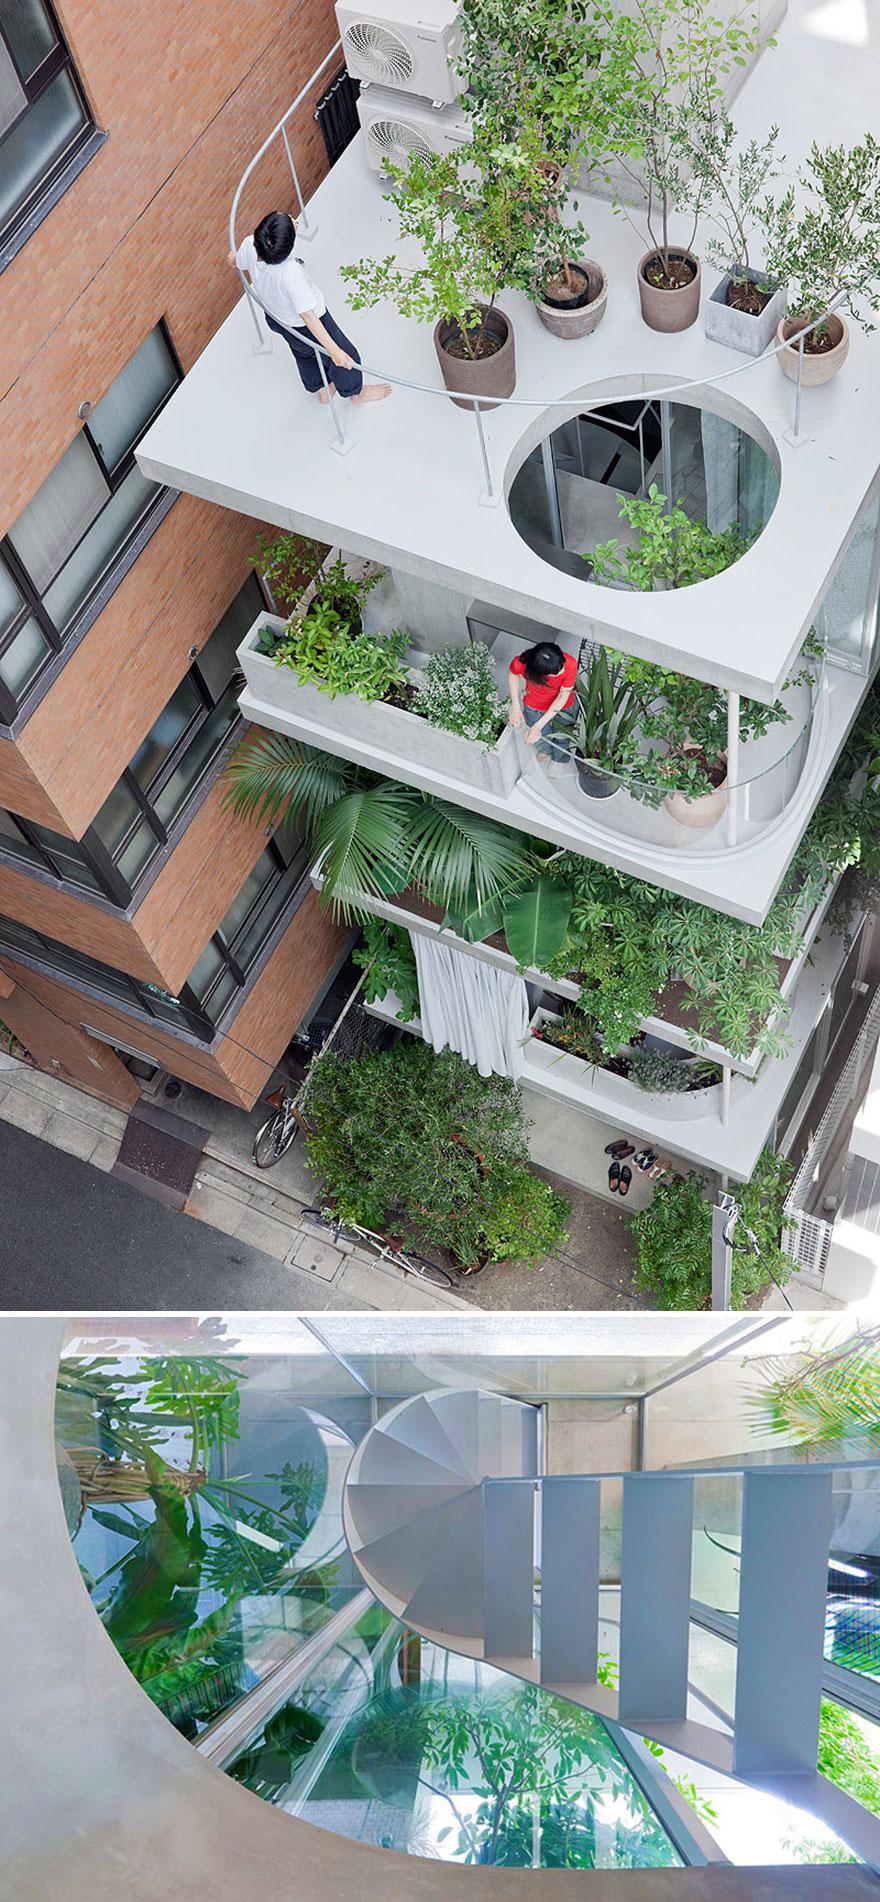 خانه و باغ در توکیو.